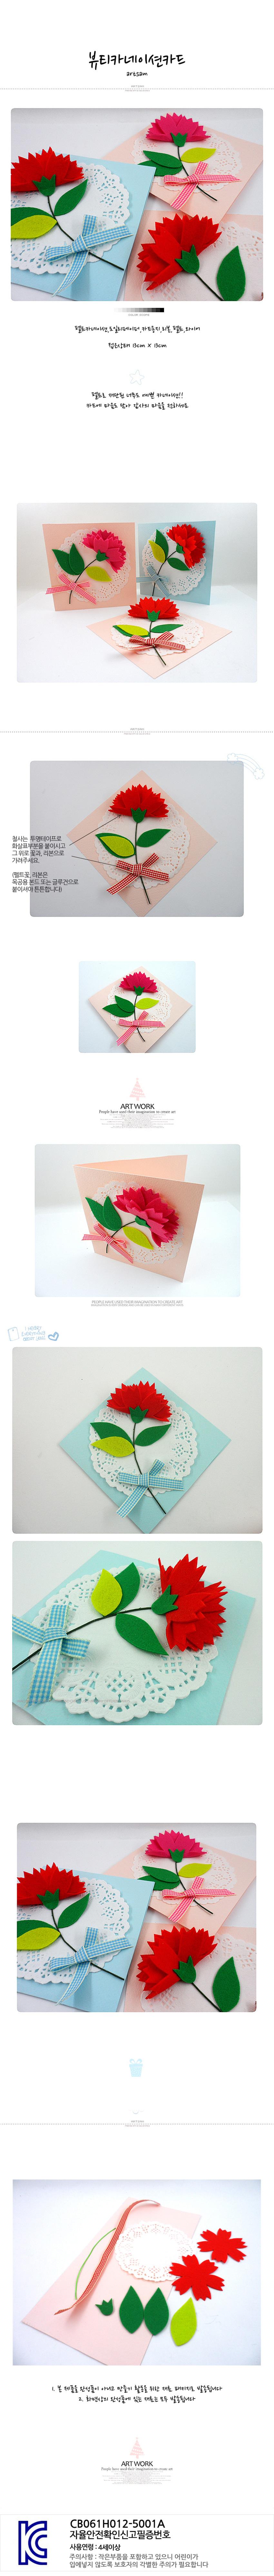 뷰티카네이션카드 5인용 - 미술샘, 7,500원, 종이공예/북아트, 카드 패키지